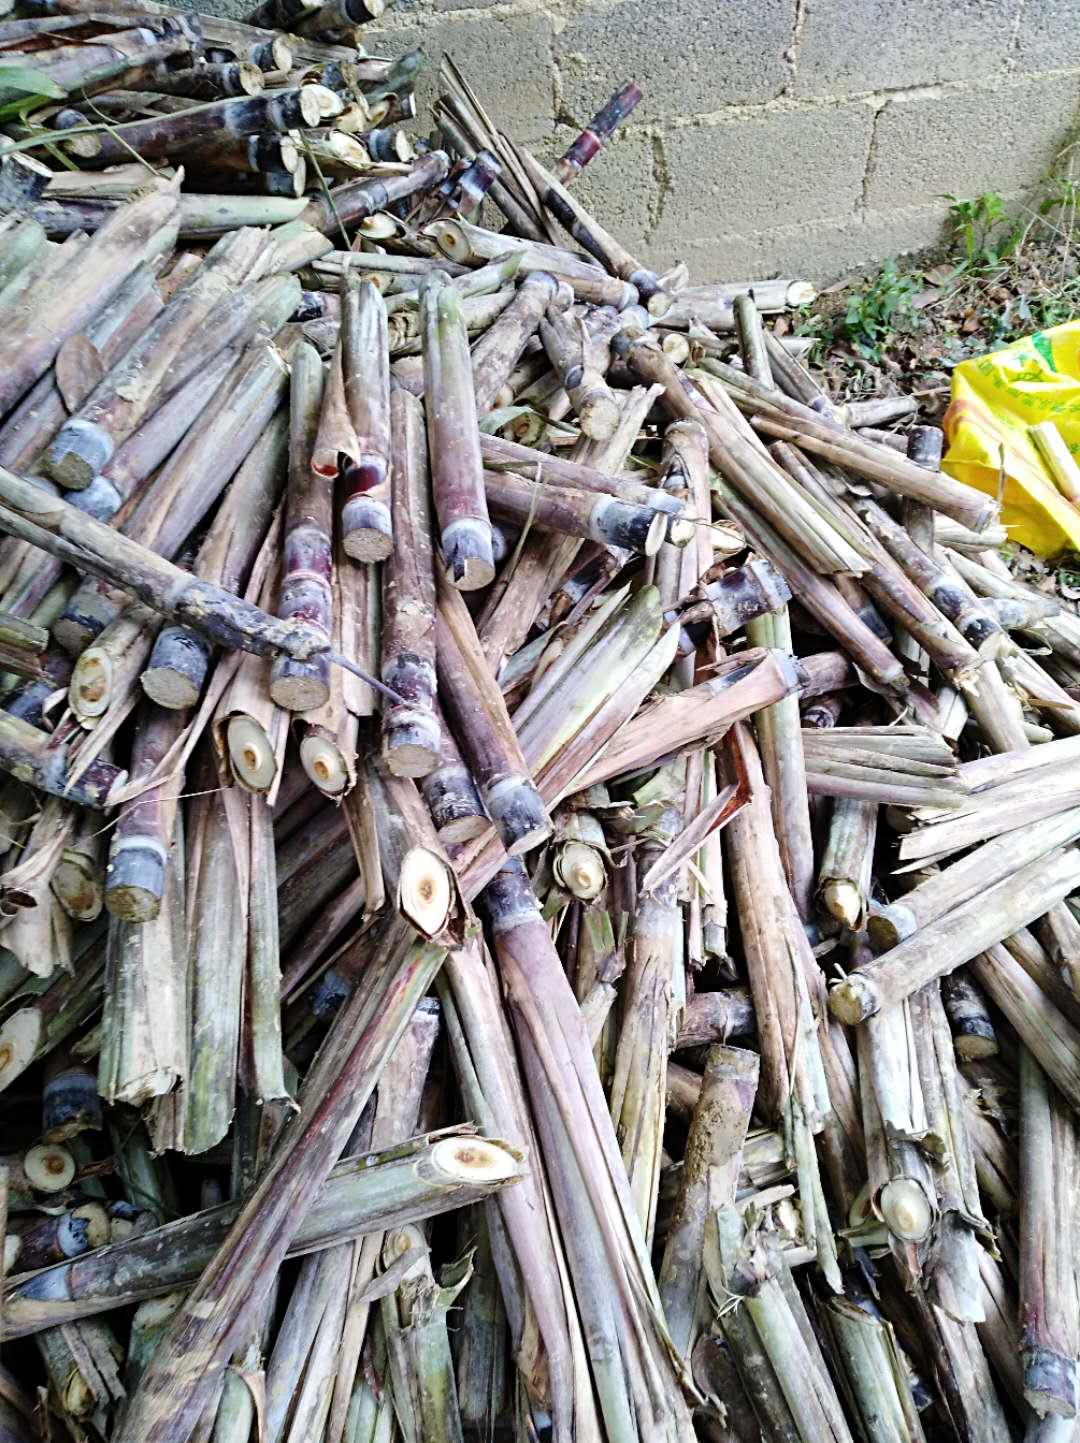 甘蔗种植时间几月份